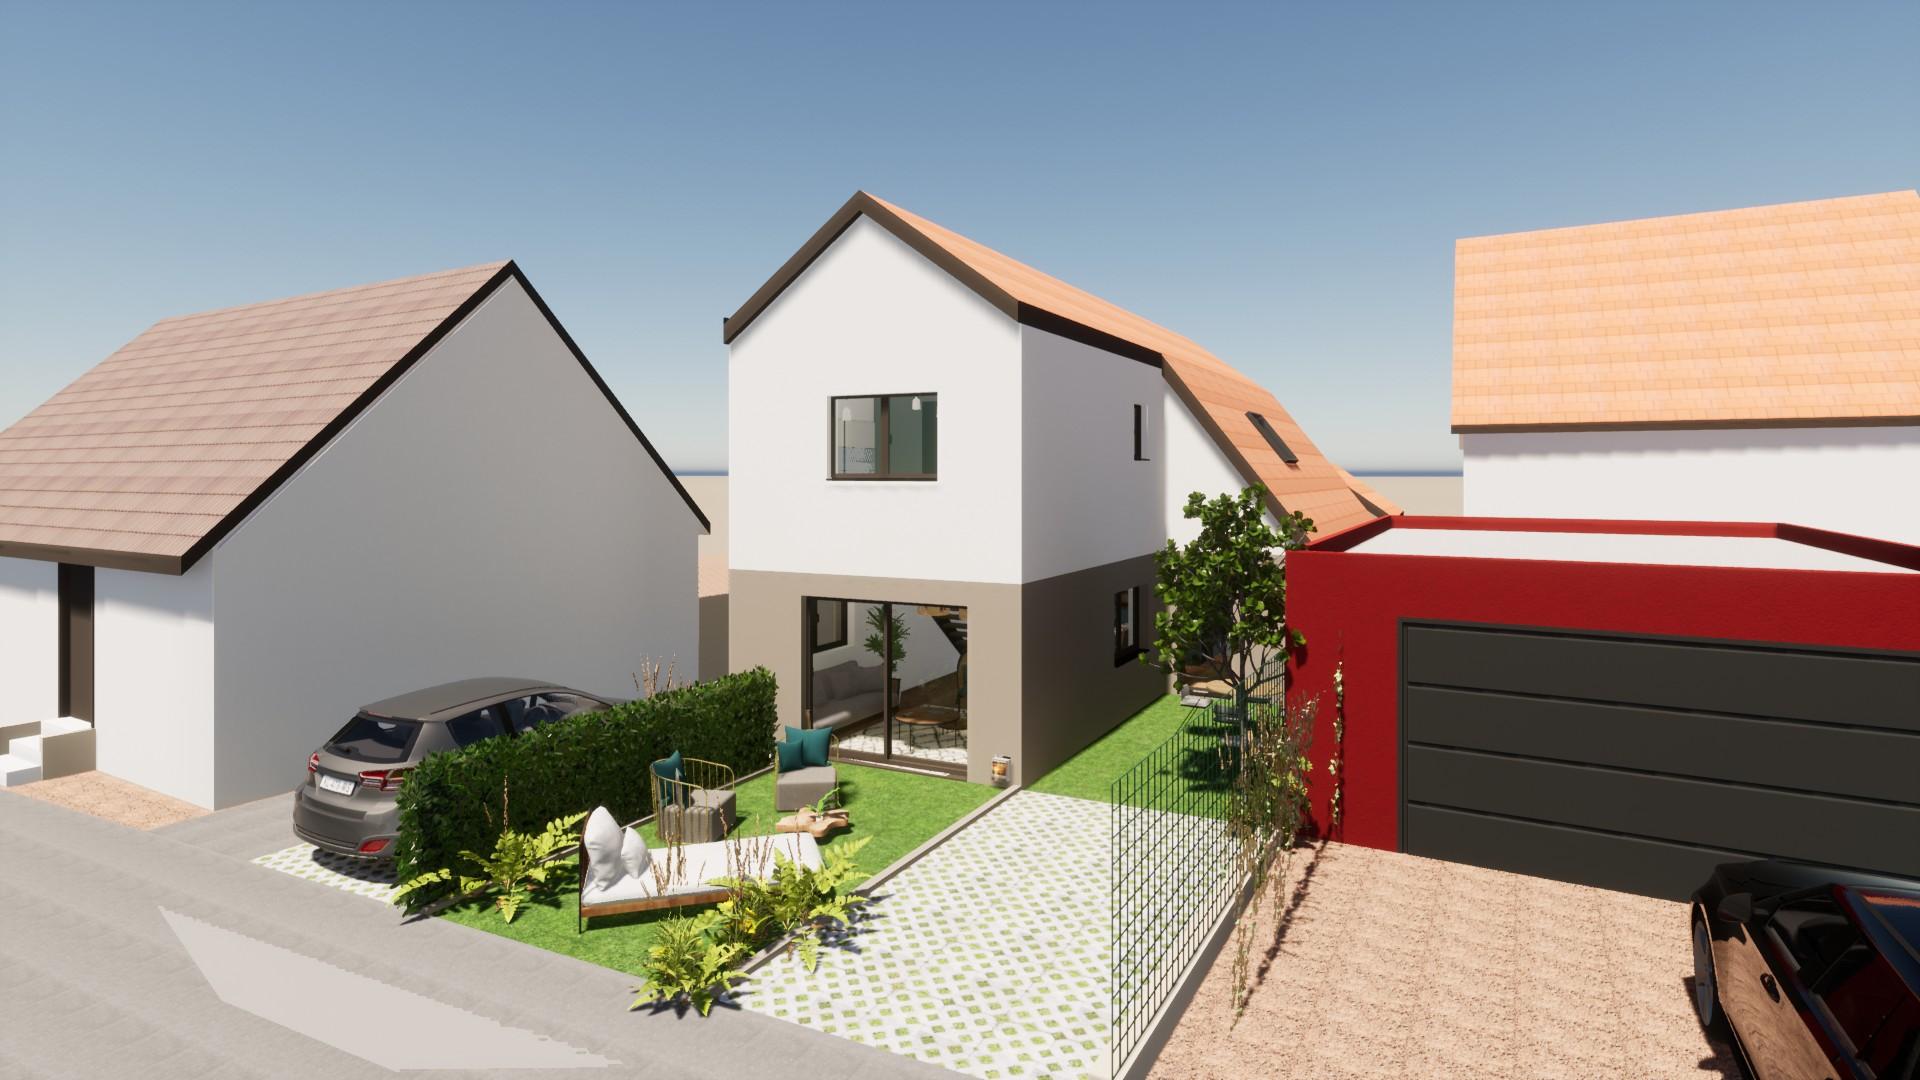 Rénovation et extension d'une maison alsace